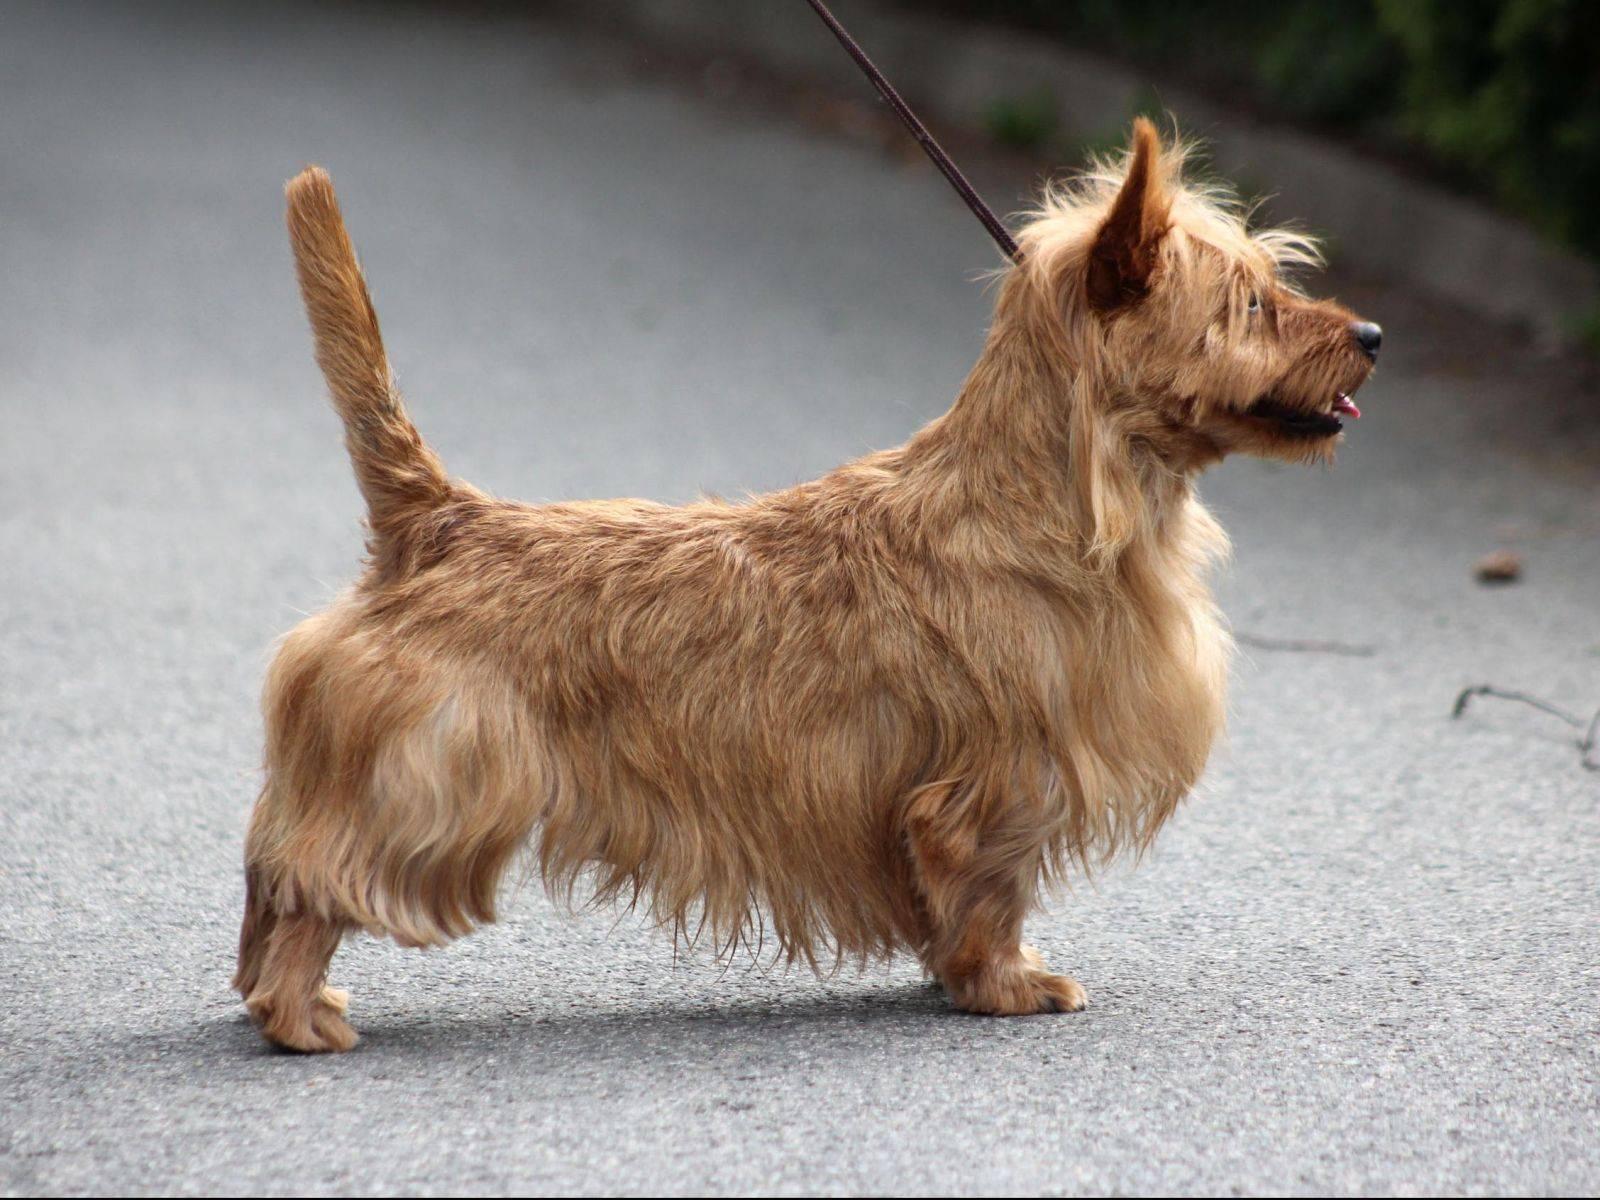 Австралийский терьер (100 фото собаки): описание породы, характер, цена щенков, отзывы, история породы, плюсы и минусы породы